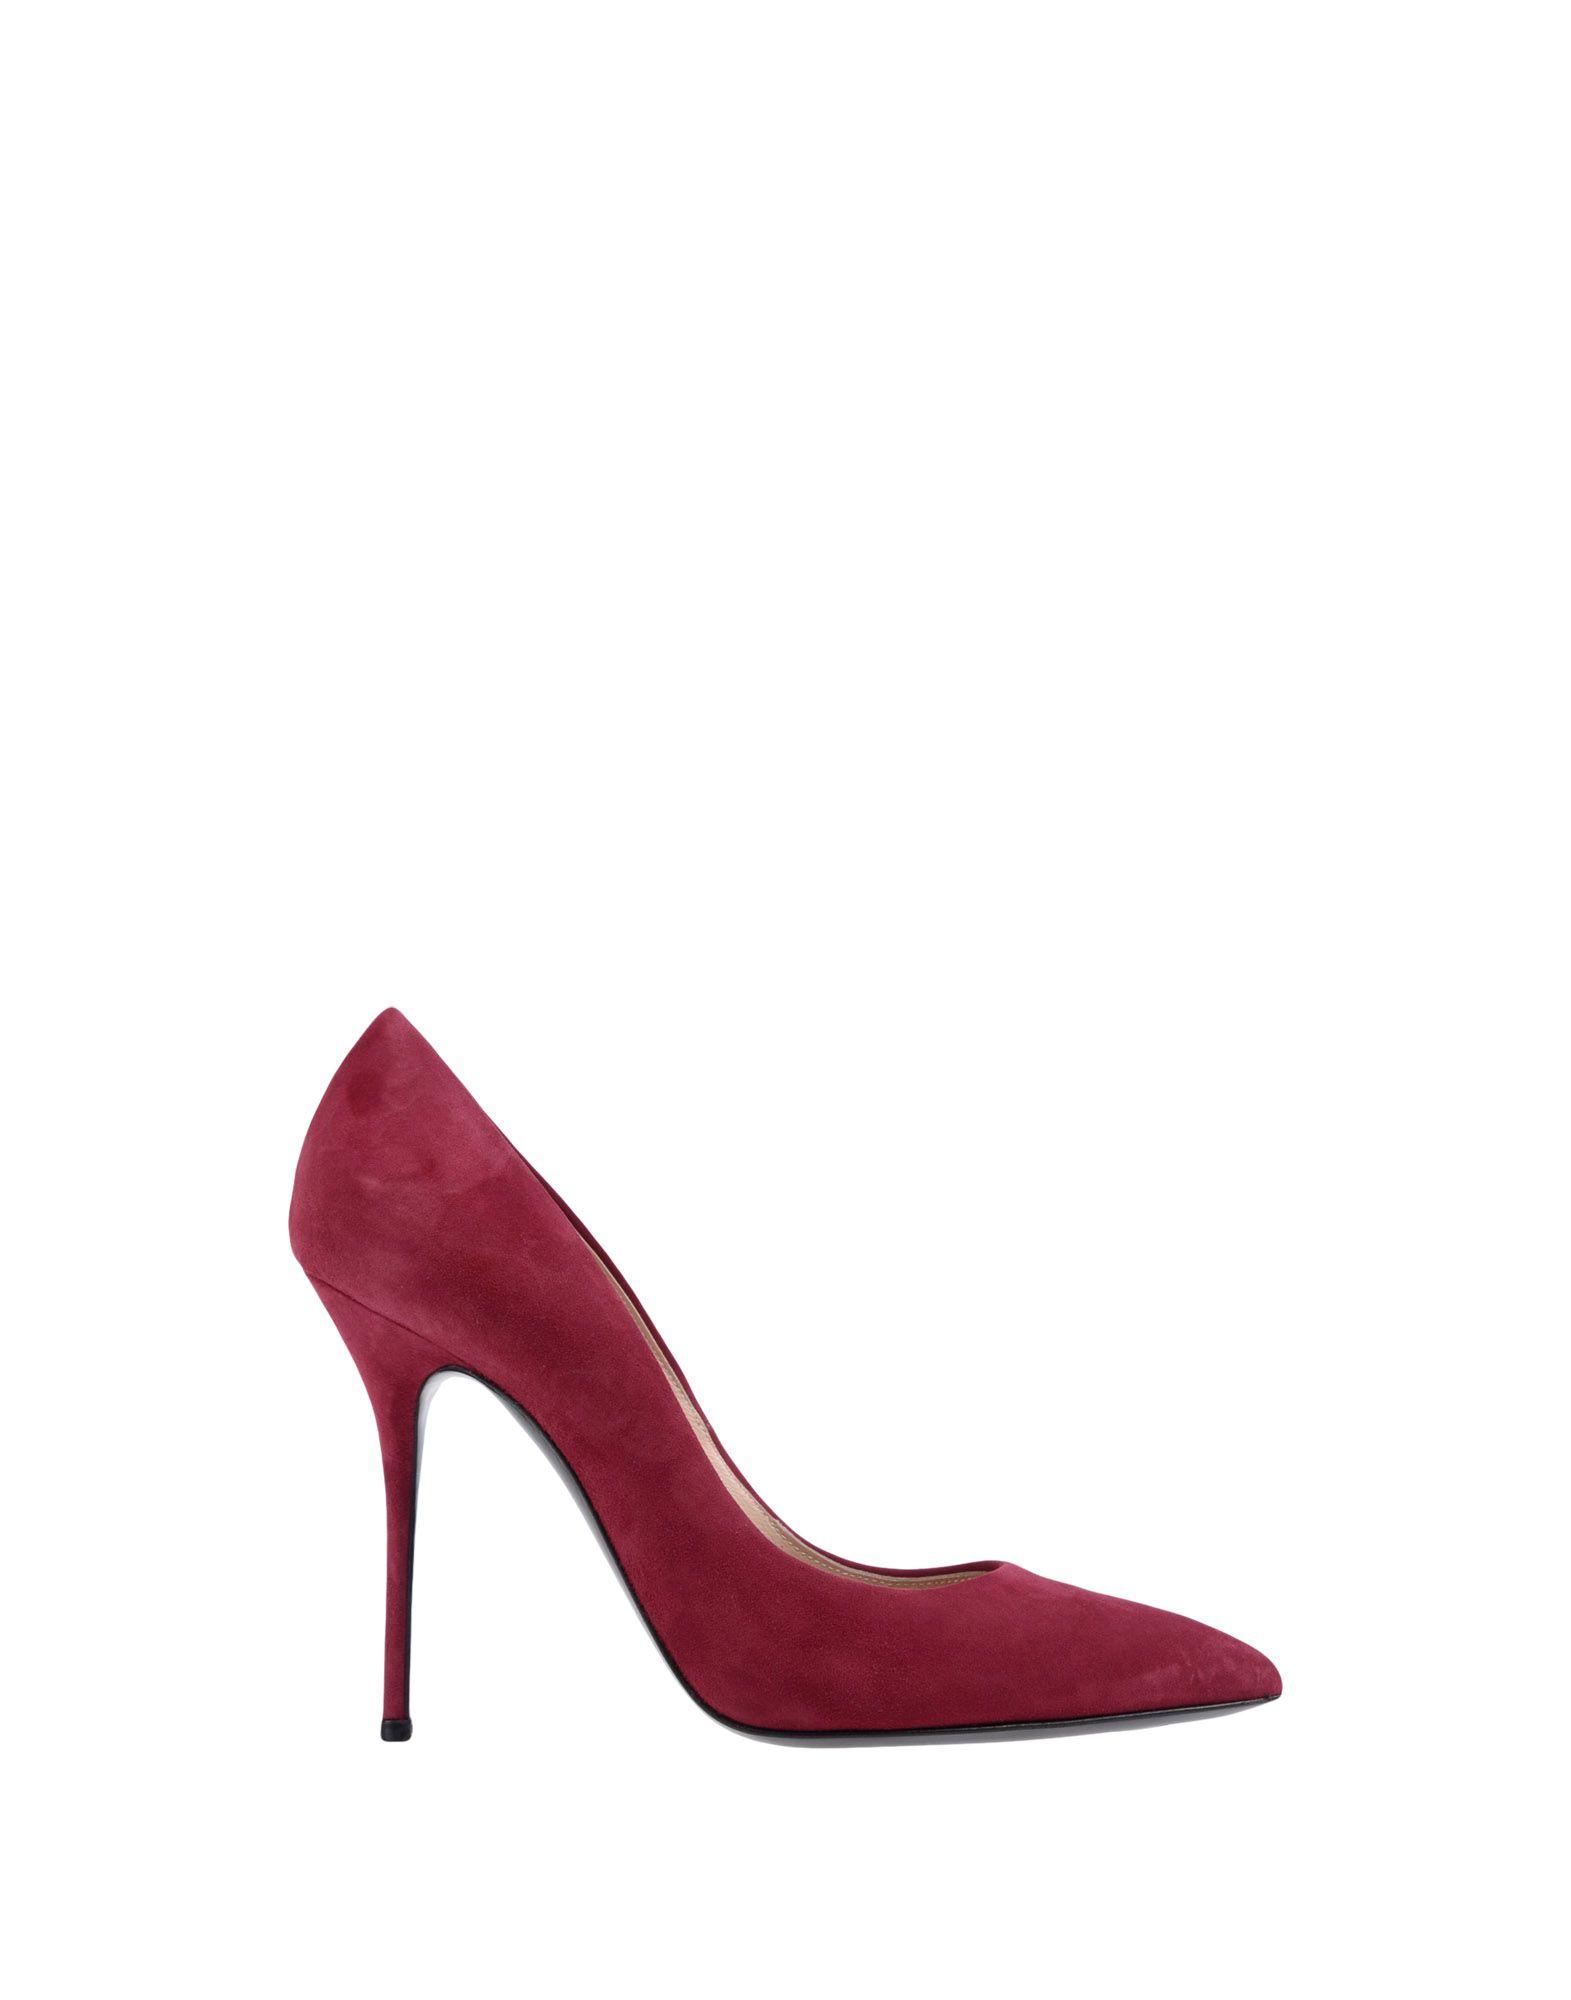 Rabatt Schuhe Casadei Pumps  Damen  Pumps 11309121QD 76477c